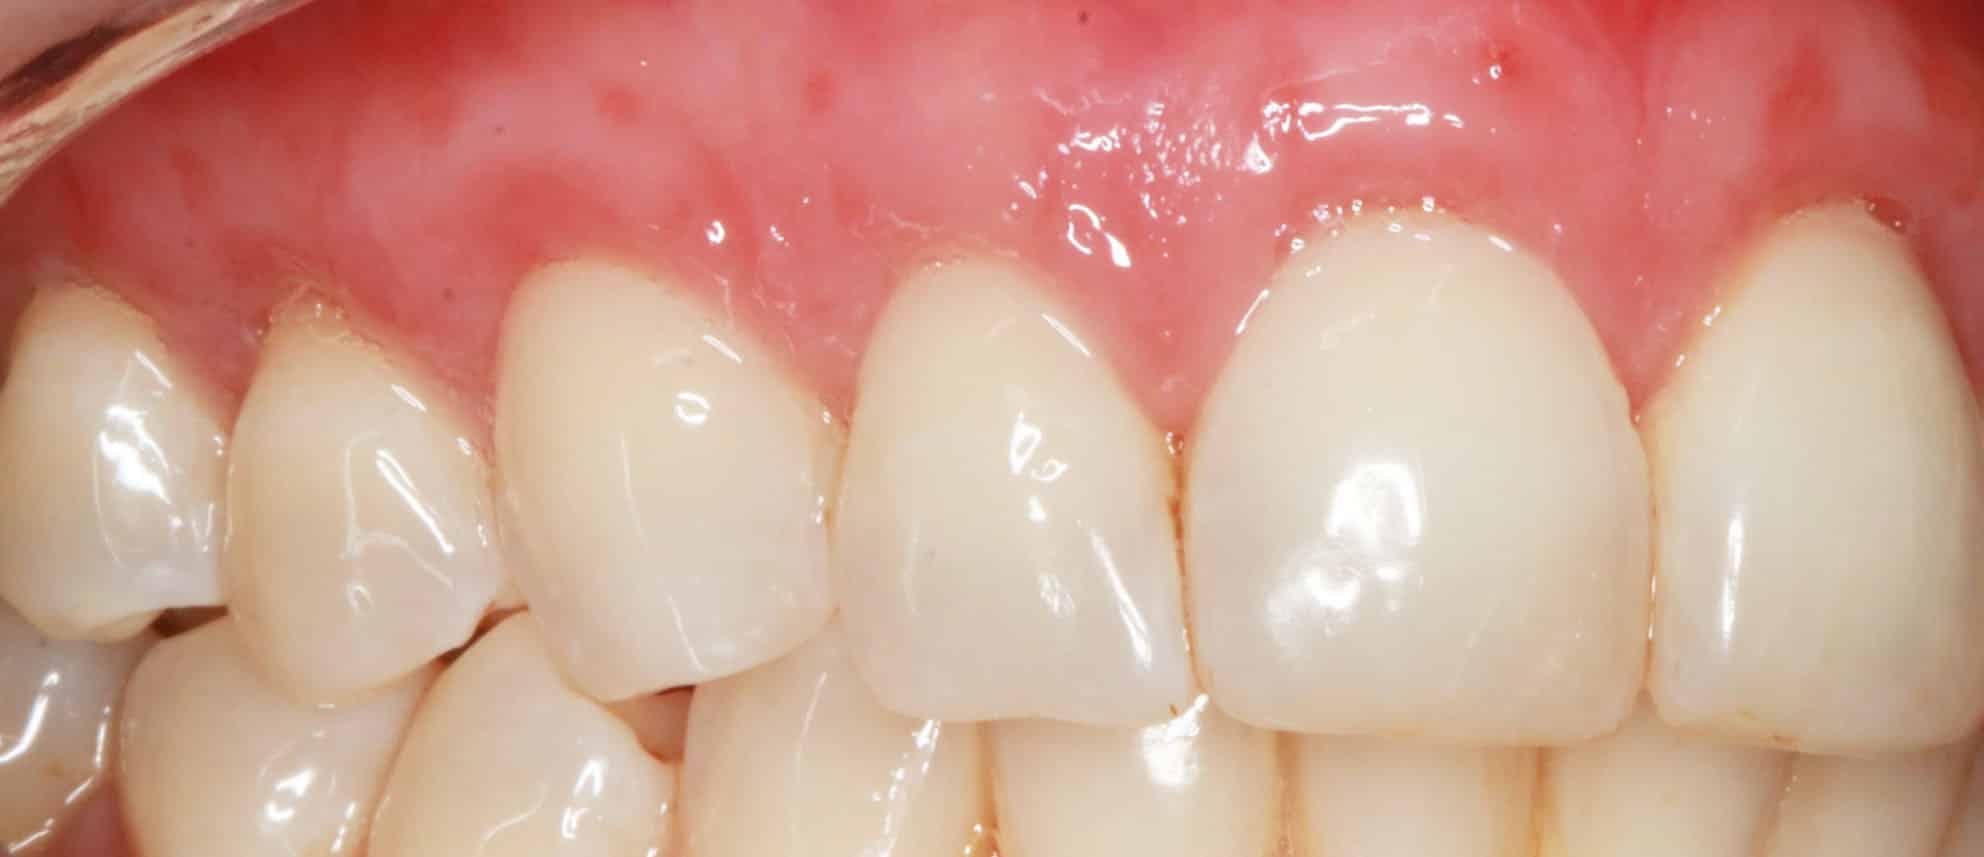 Teeth Veneers Gold Coast